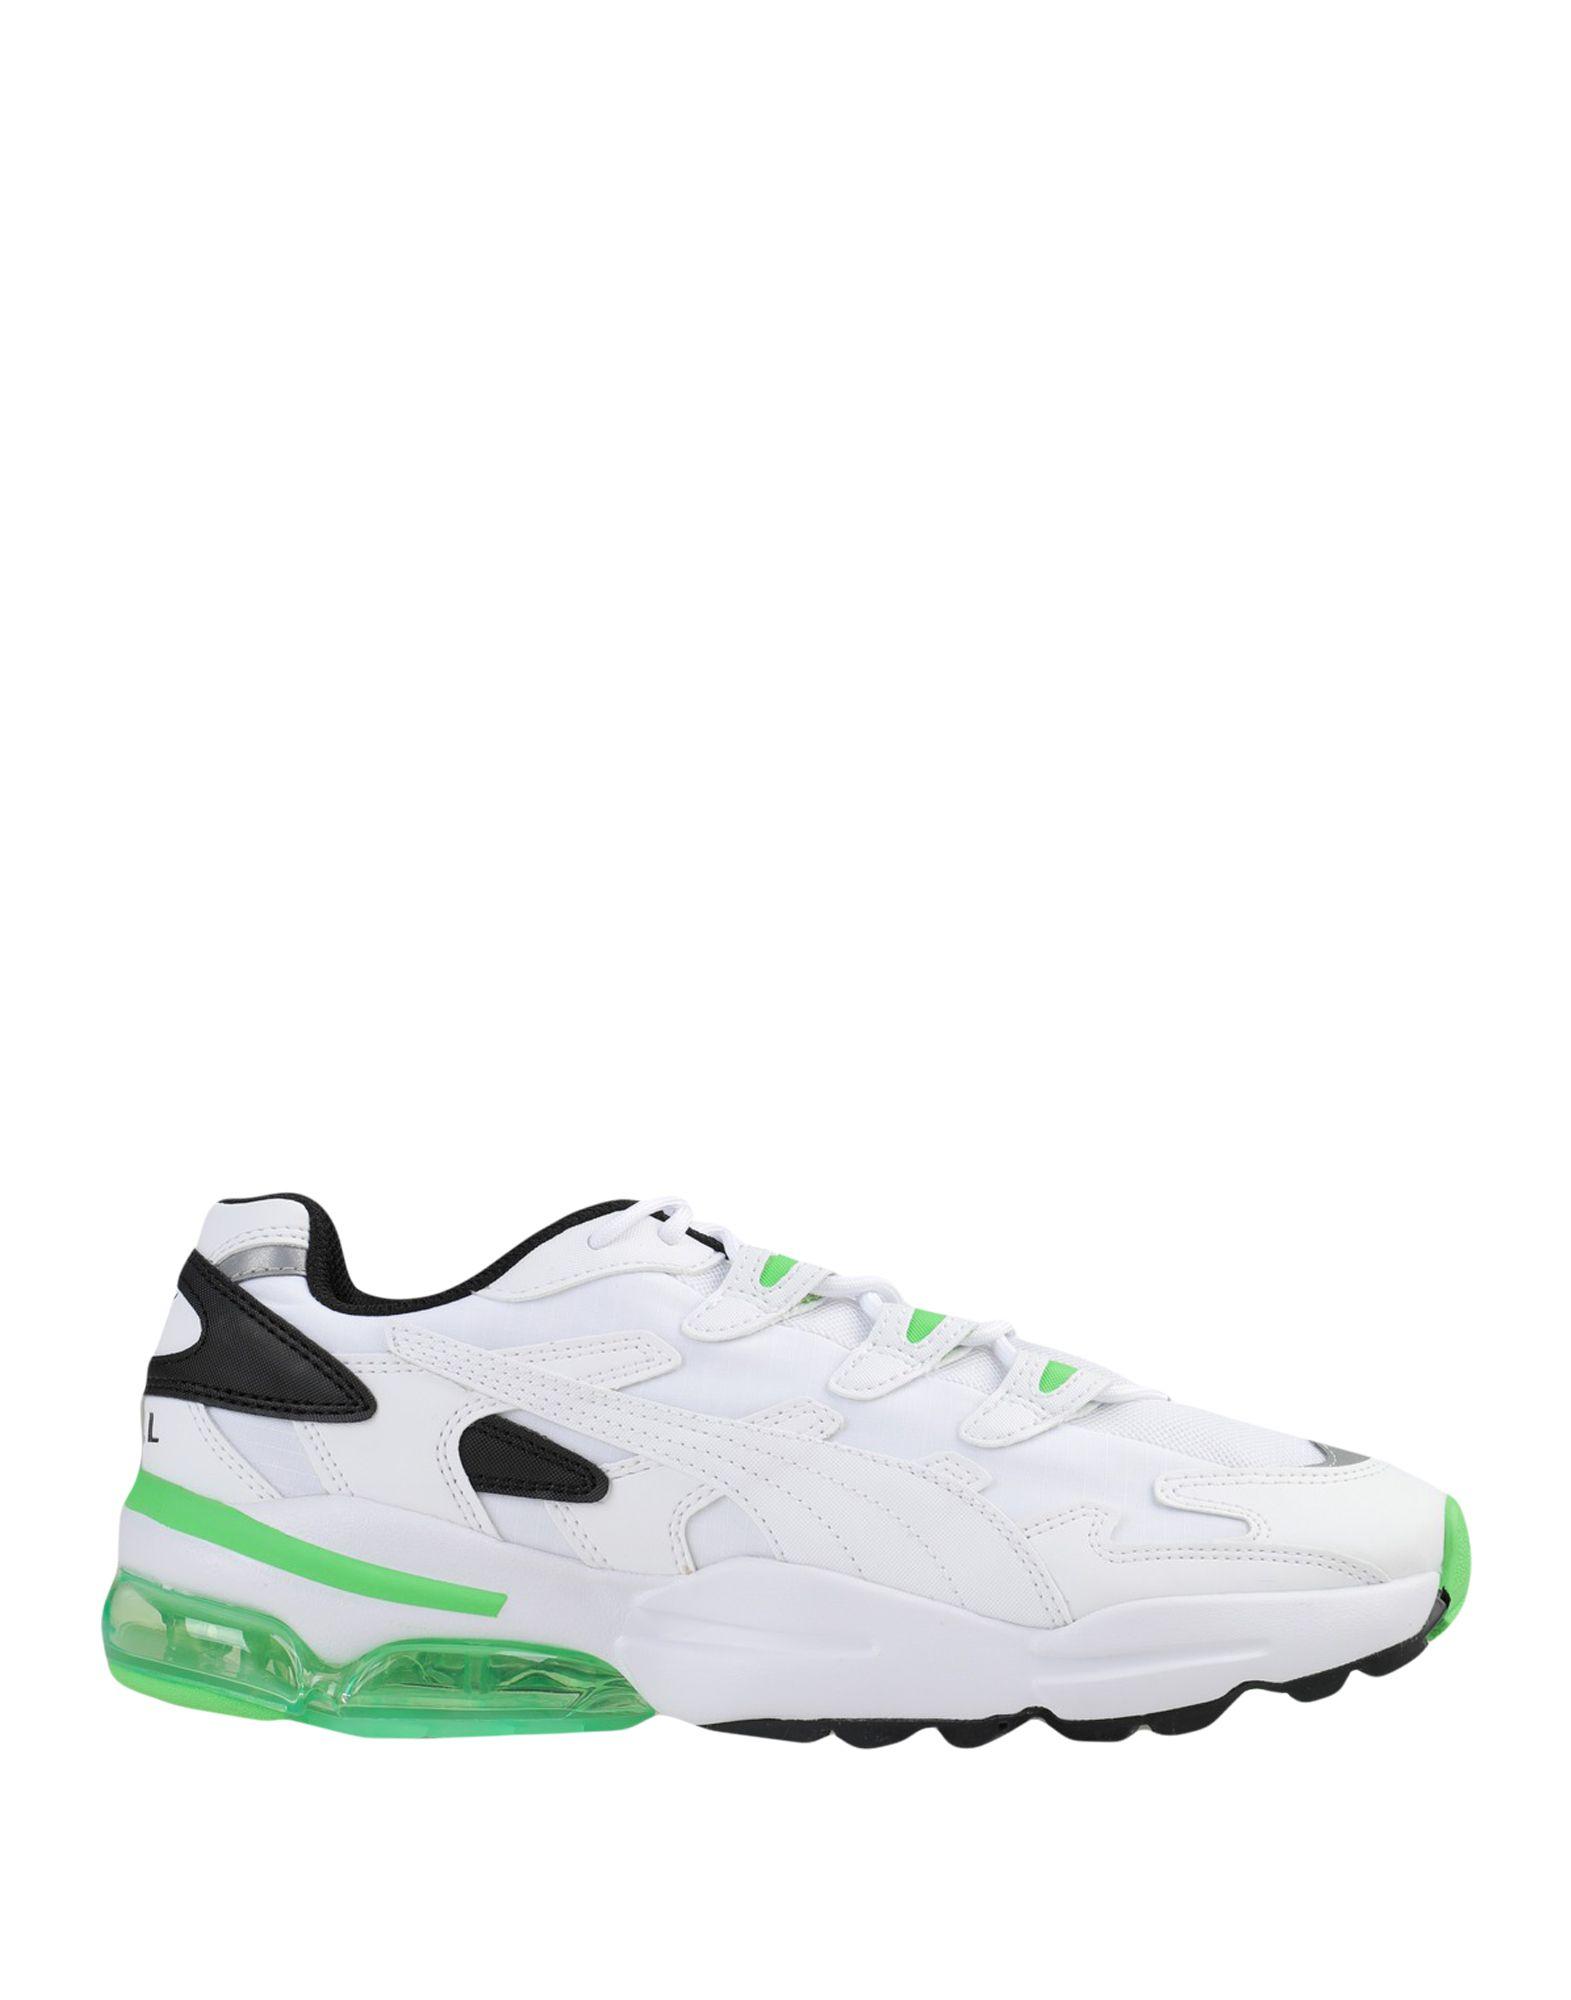 《セール開催中》PUMA メンズ スニーカー&テニスシューズ(ローカット) ホワイト 6.5 紡績繊維 Cell Alien Kite